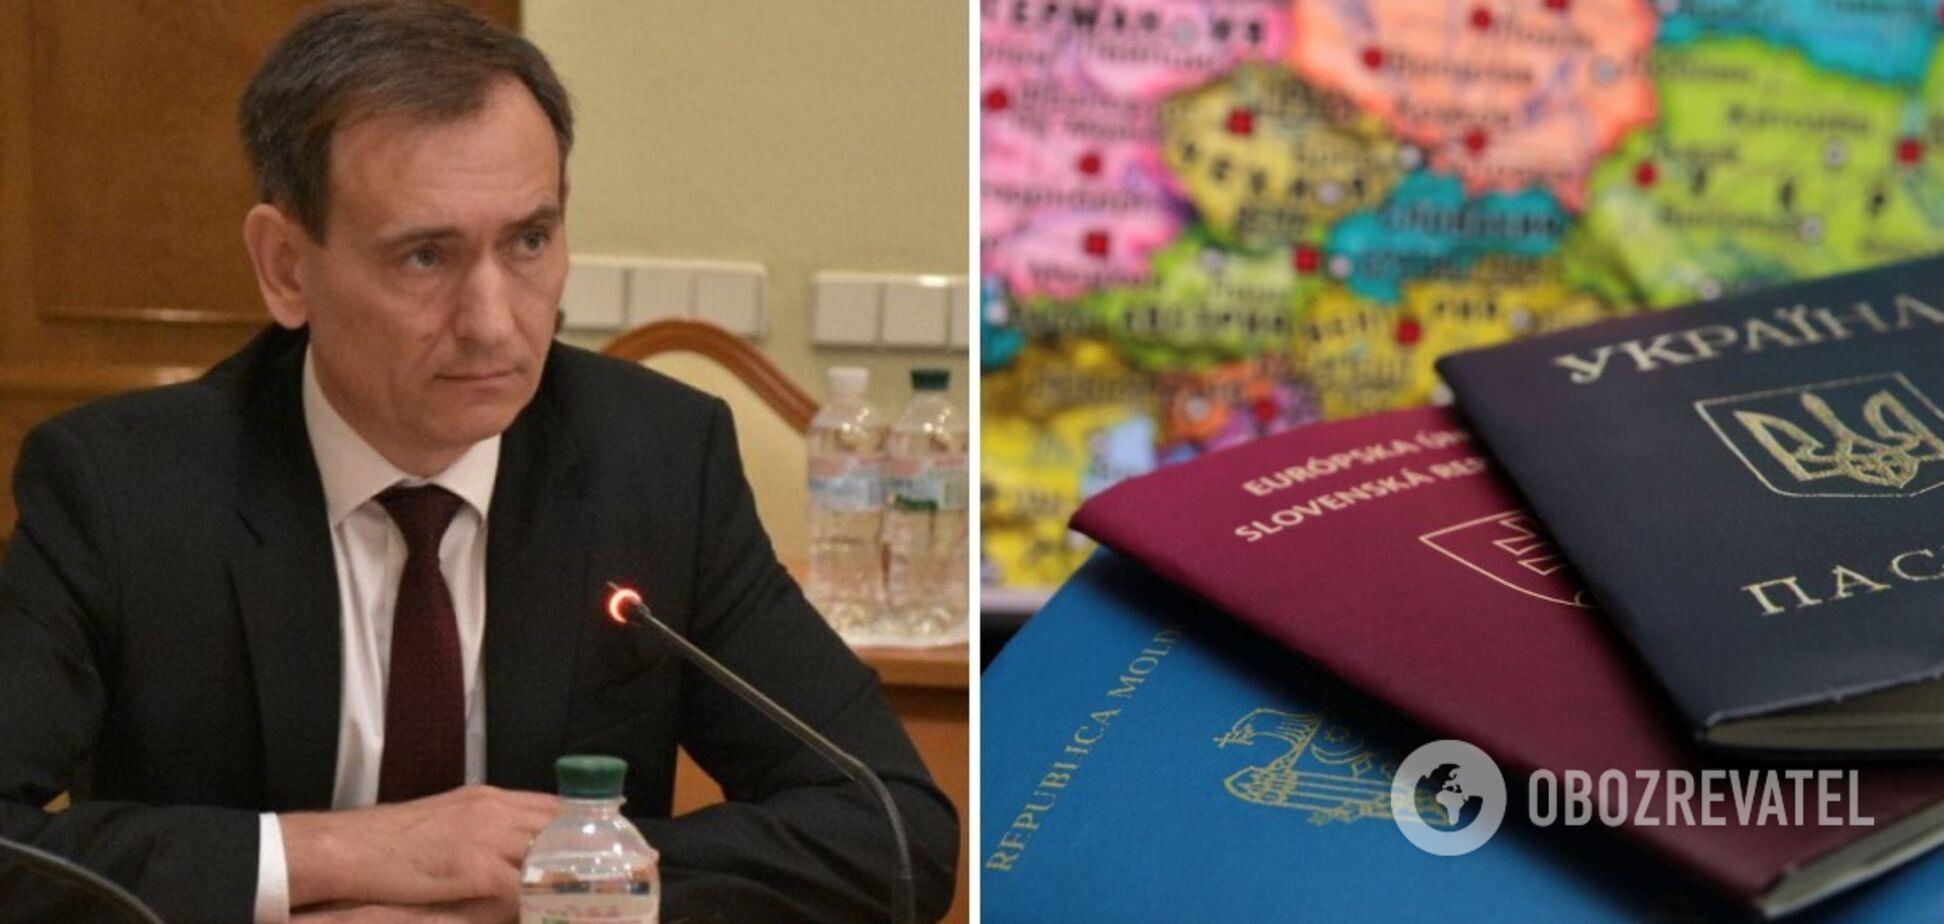 Веніславський назвав важливі аспекти щодо подвійного громадянства в Україні